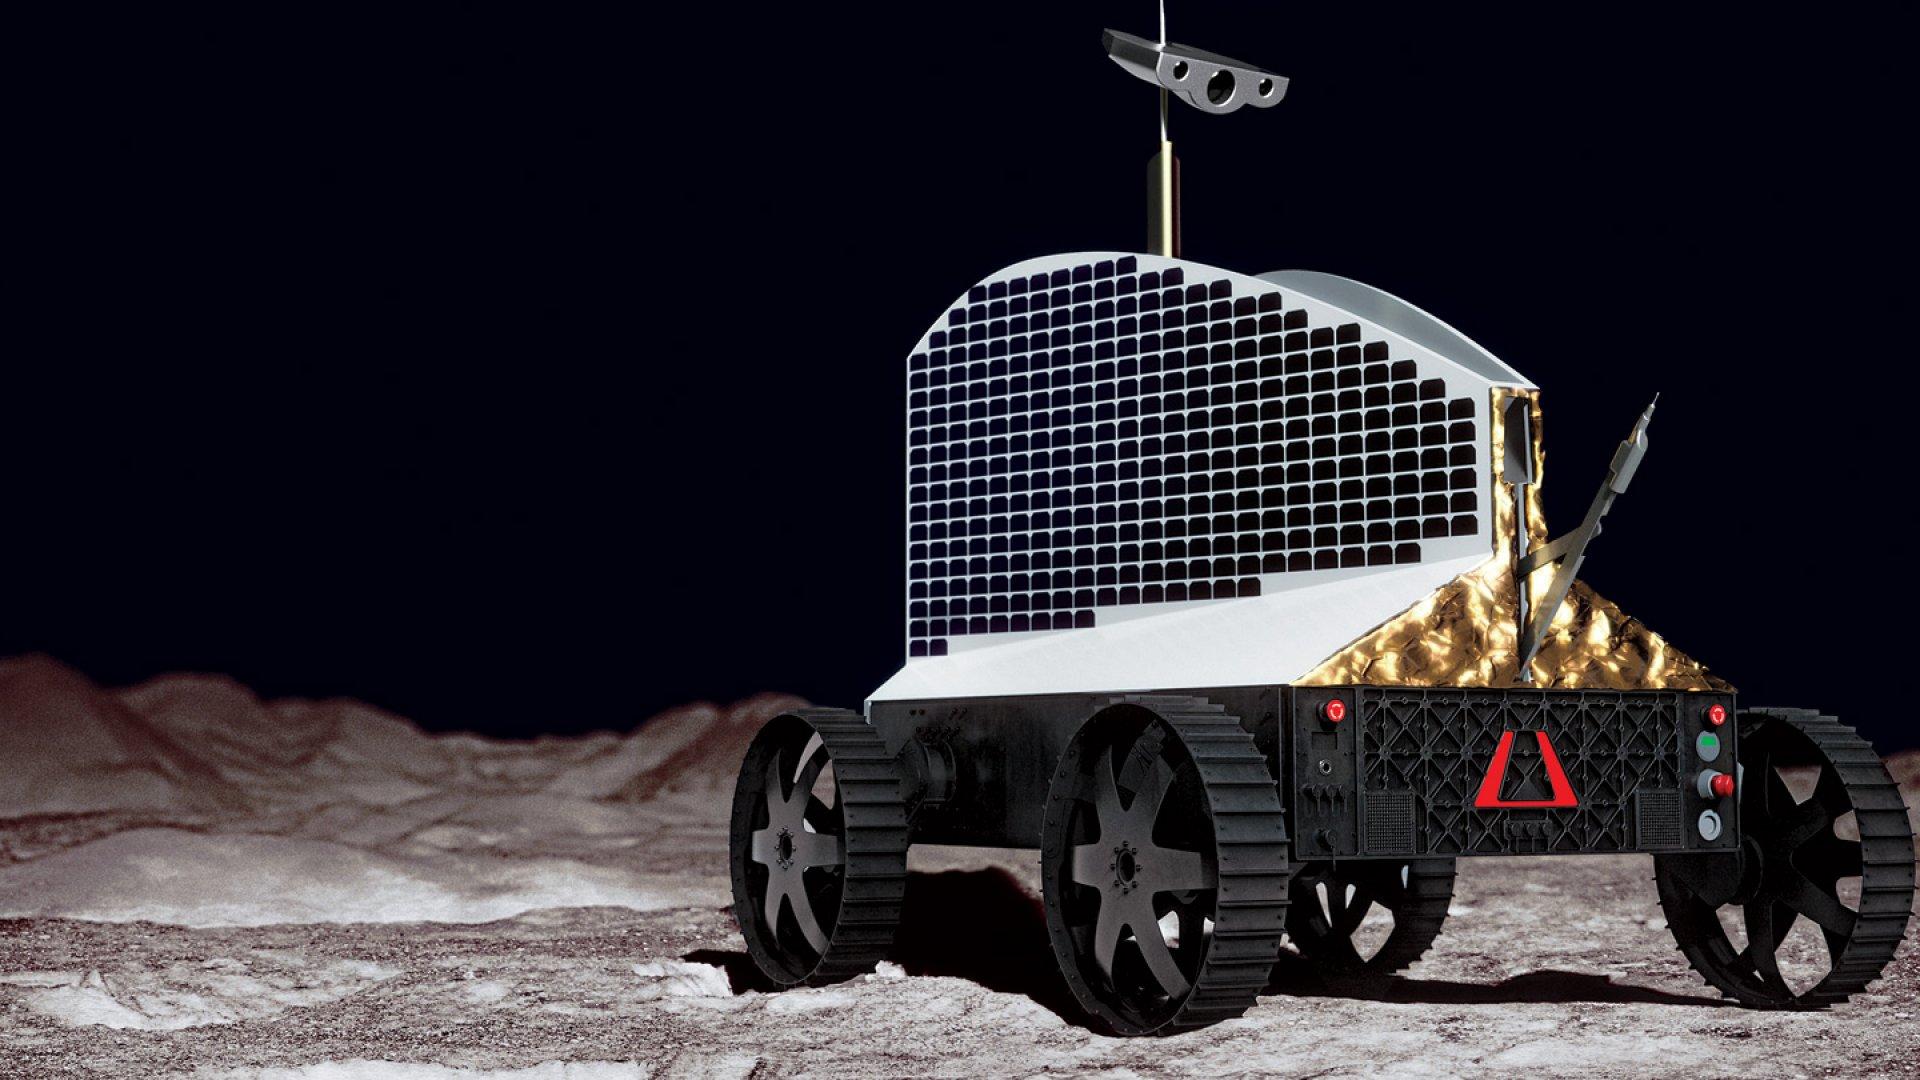 Innovation: Mining on the Moon